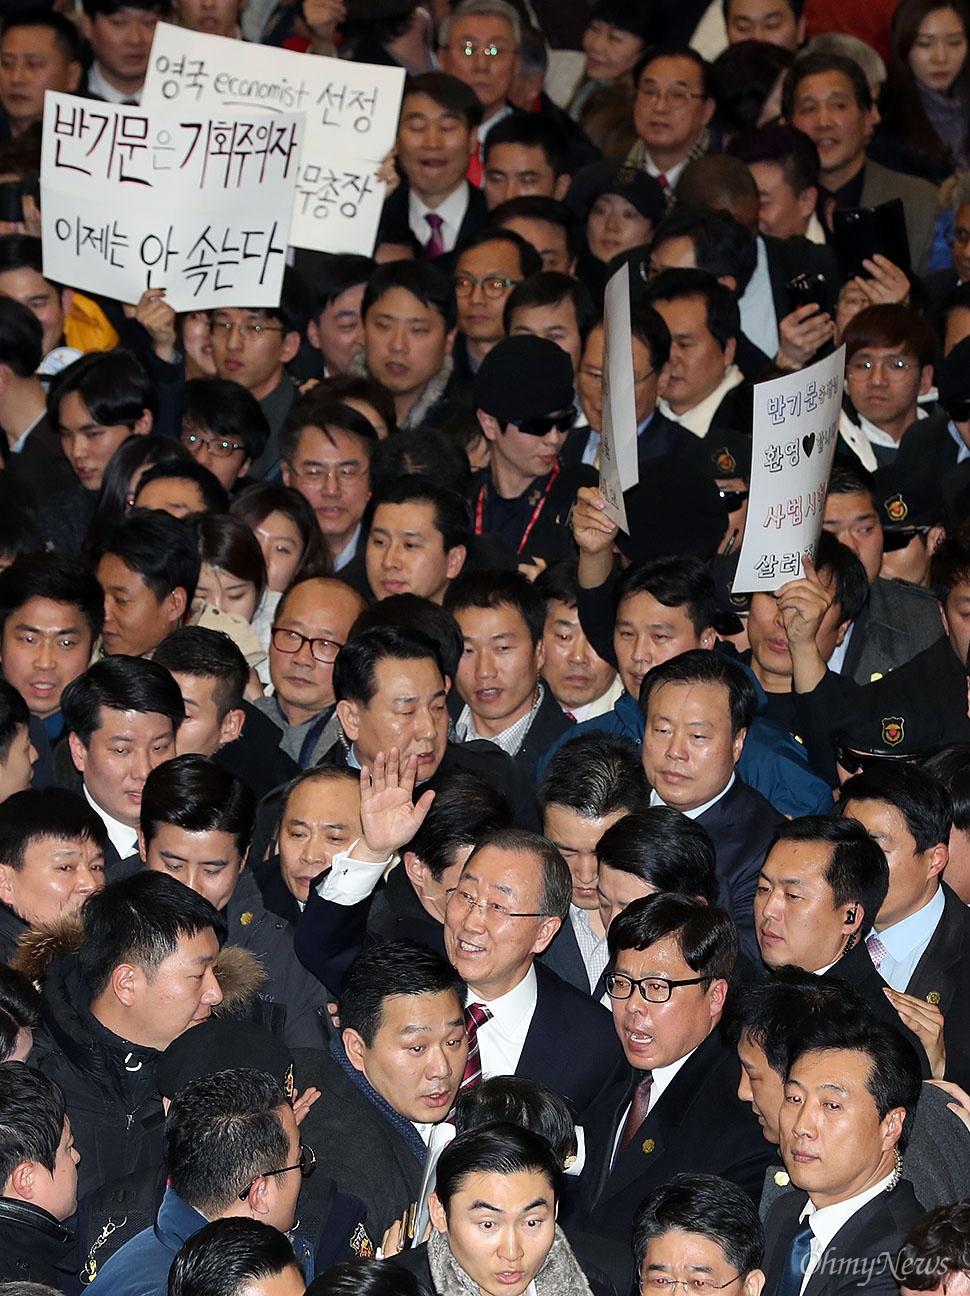 반기문 입국장 '인산인해' 반기문 전 유엔 사무총장이 12일 오후 인천국제공항에 도착해 인파에 둘러싸인 채 이동하고 있다.